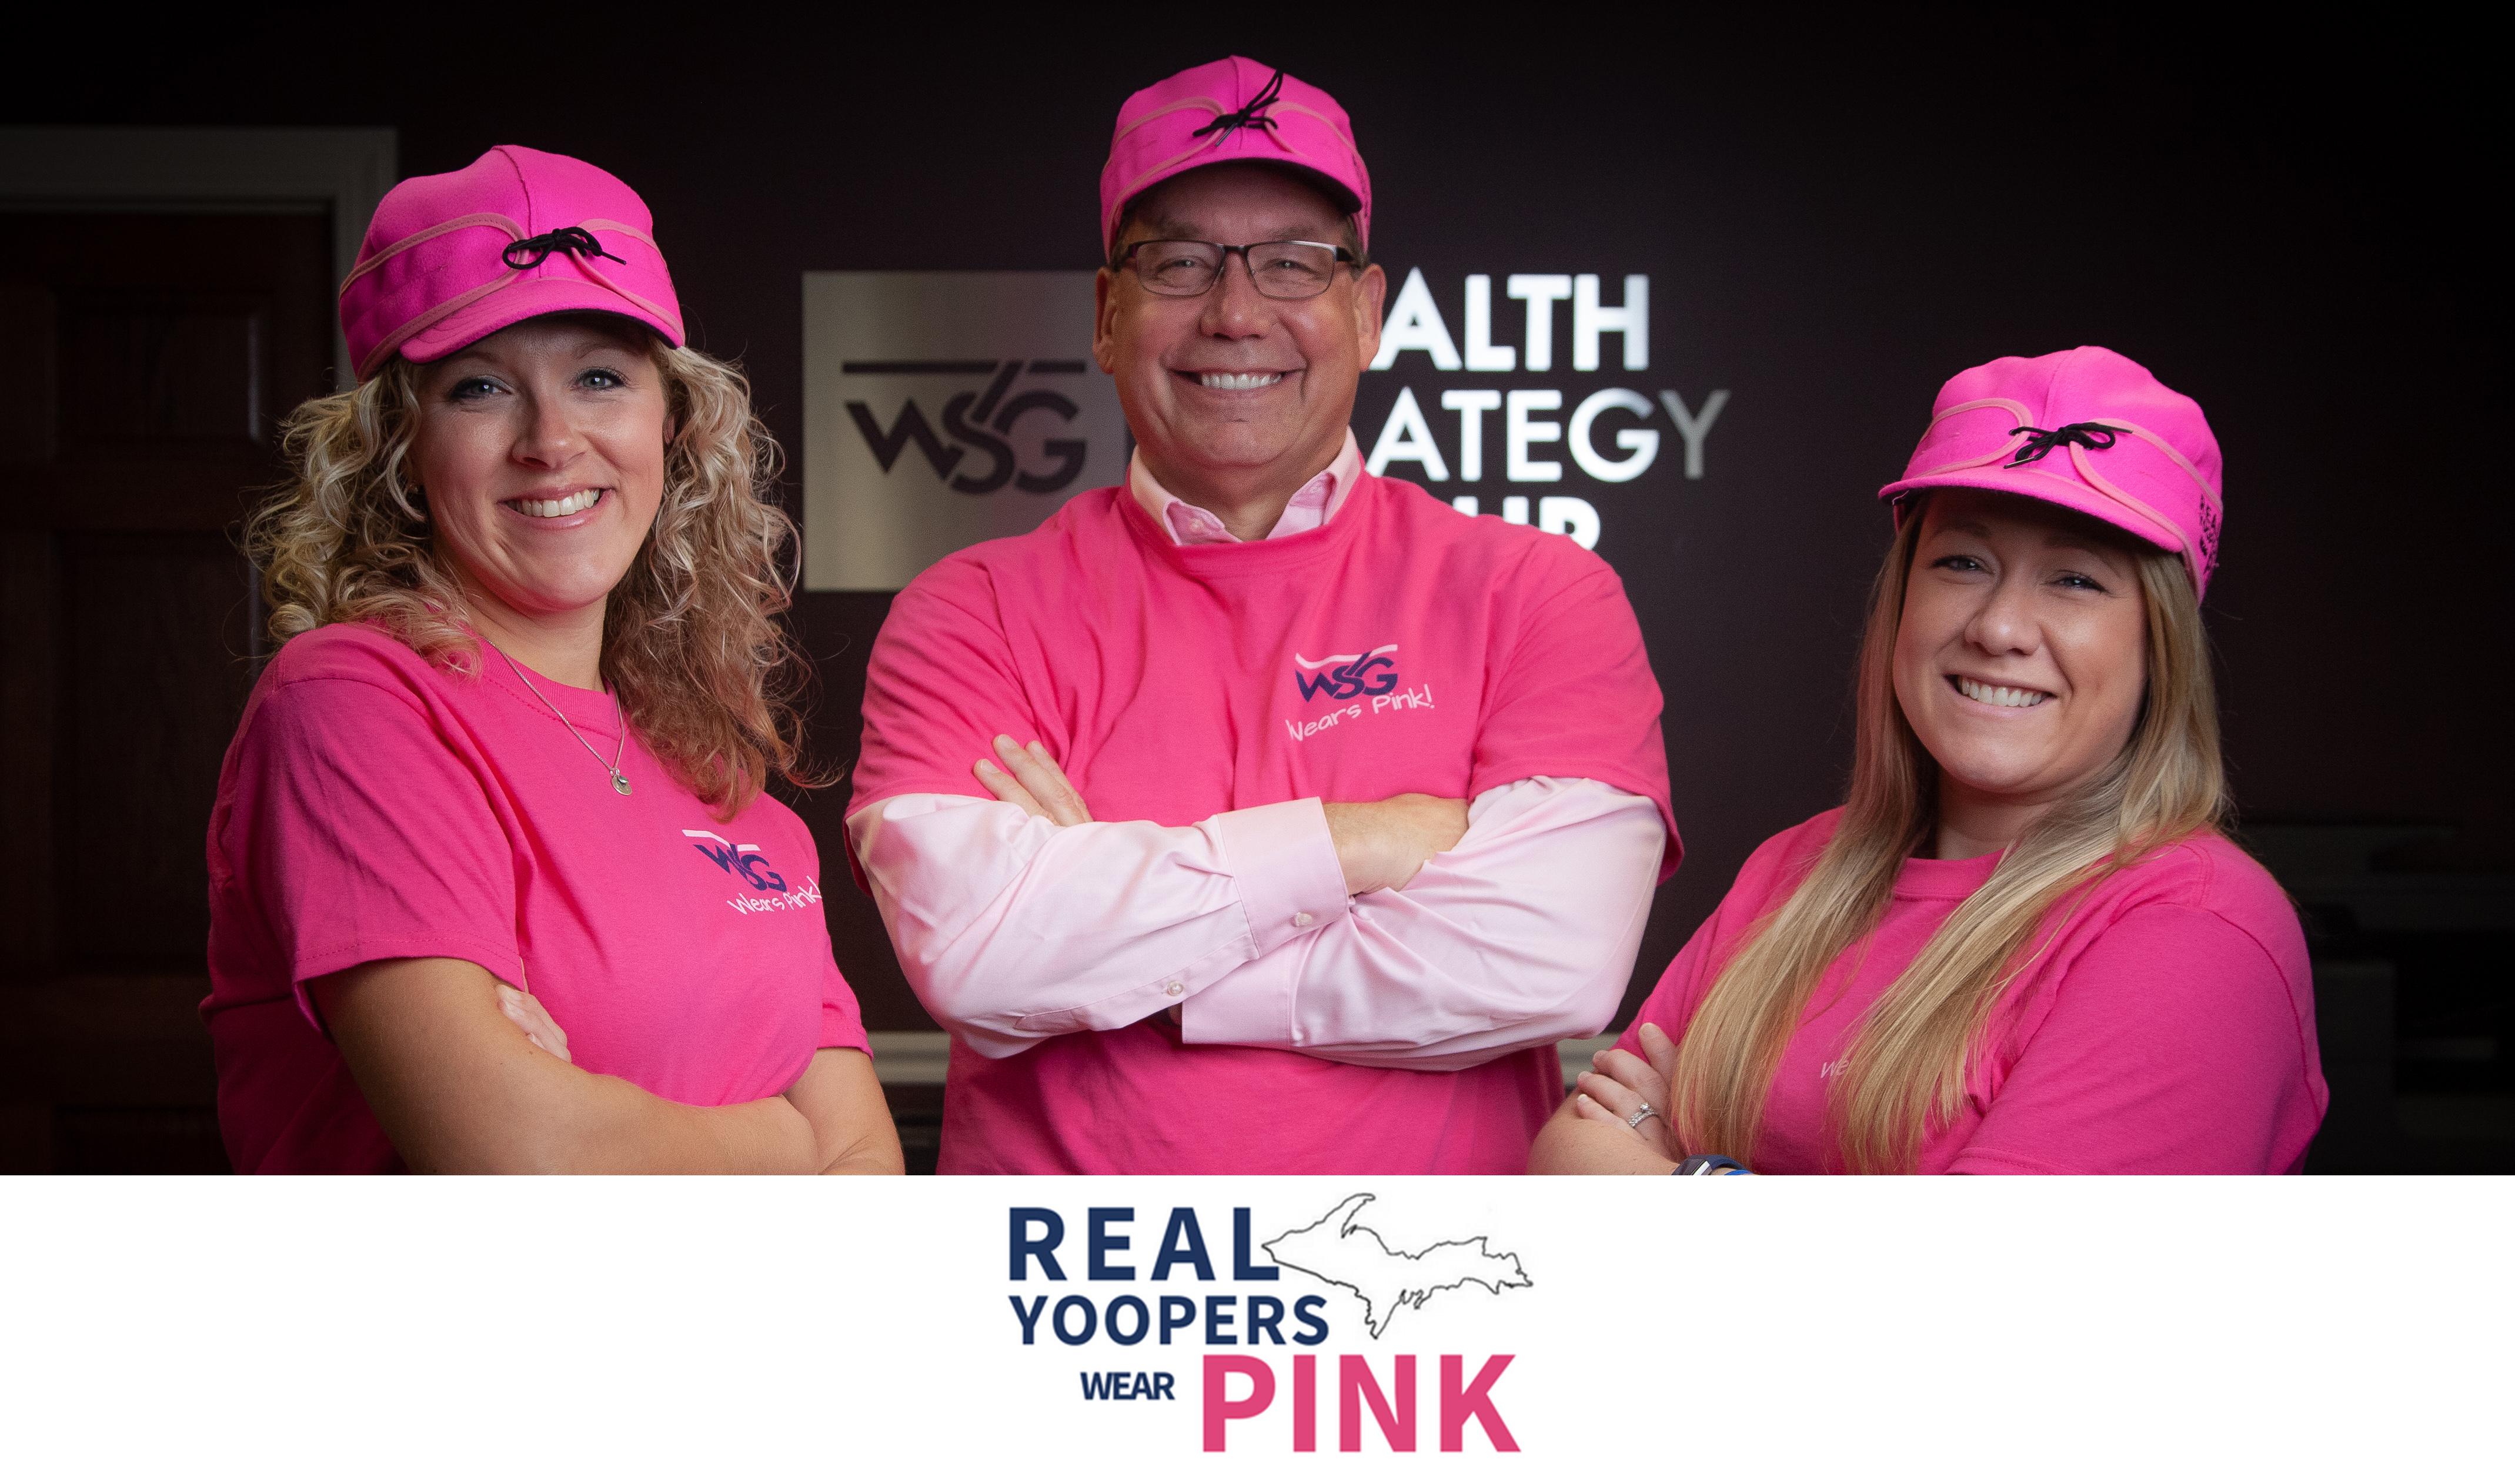 WSG team pink